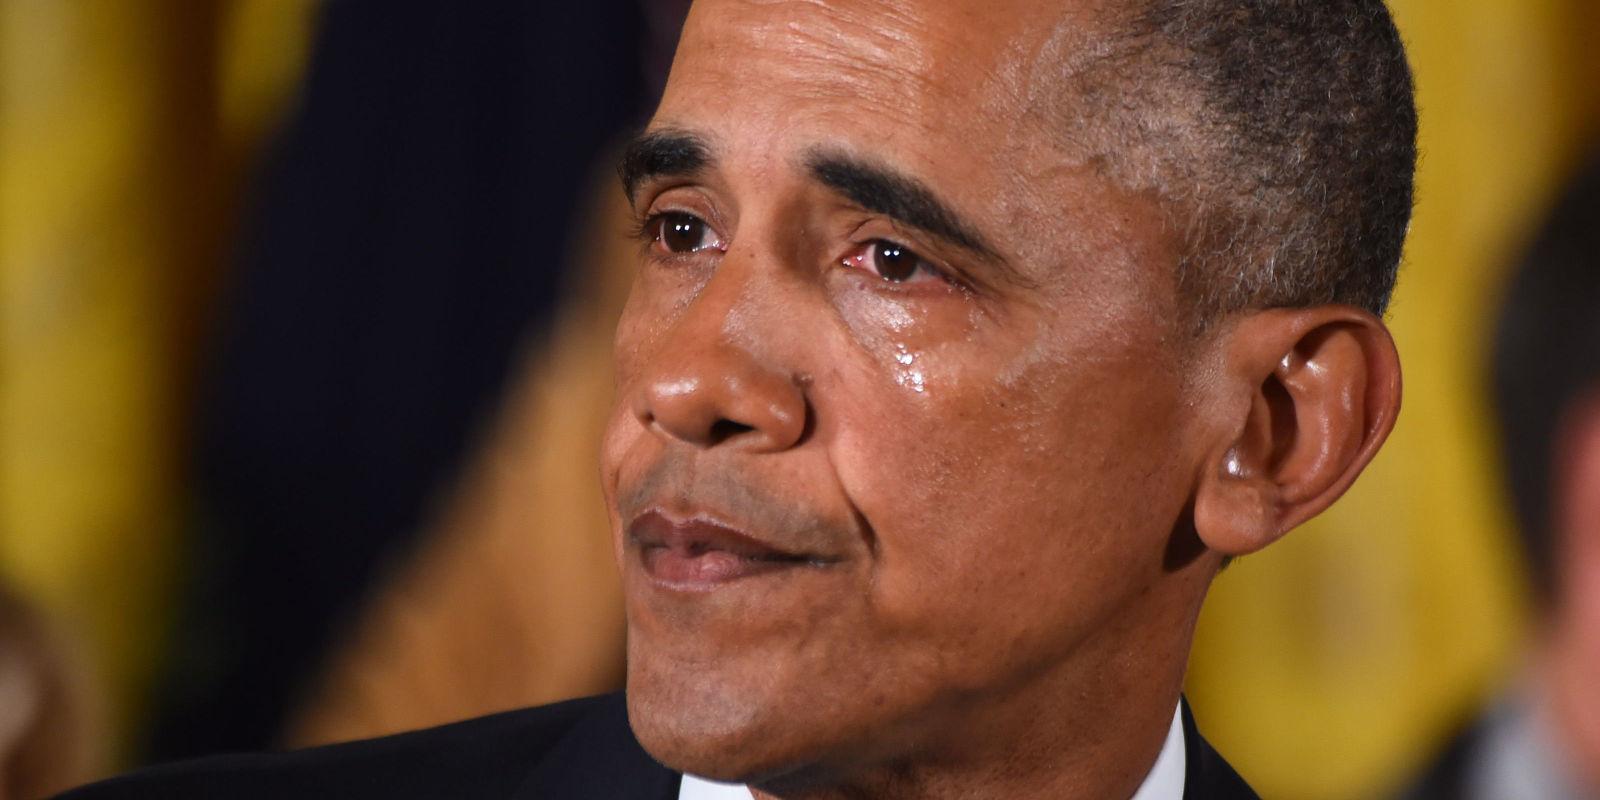 Obama, Transseksüel Aktivistin Sorusuna İlham Verici Bir Cevap Verdi